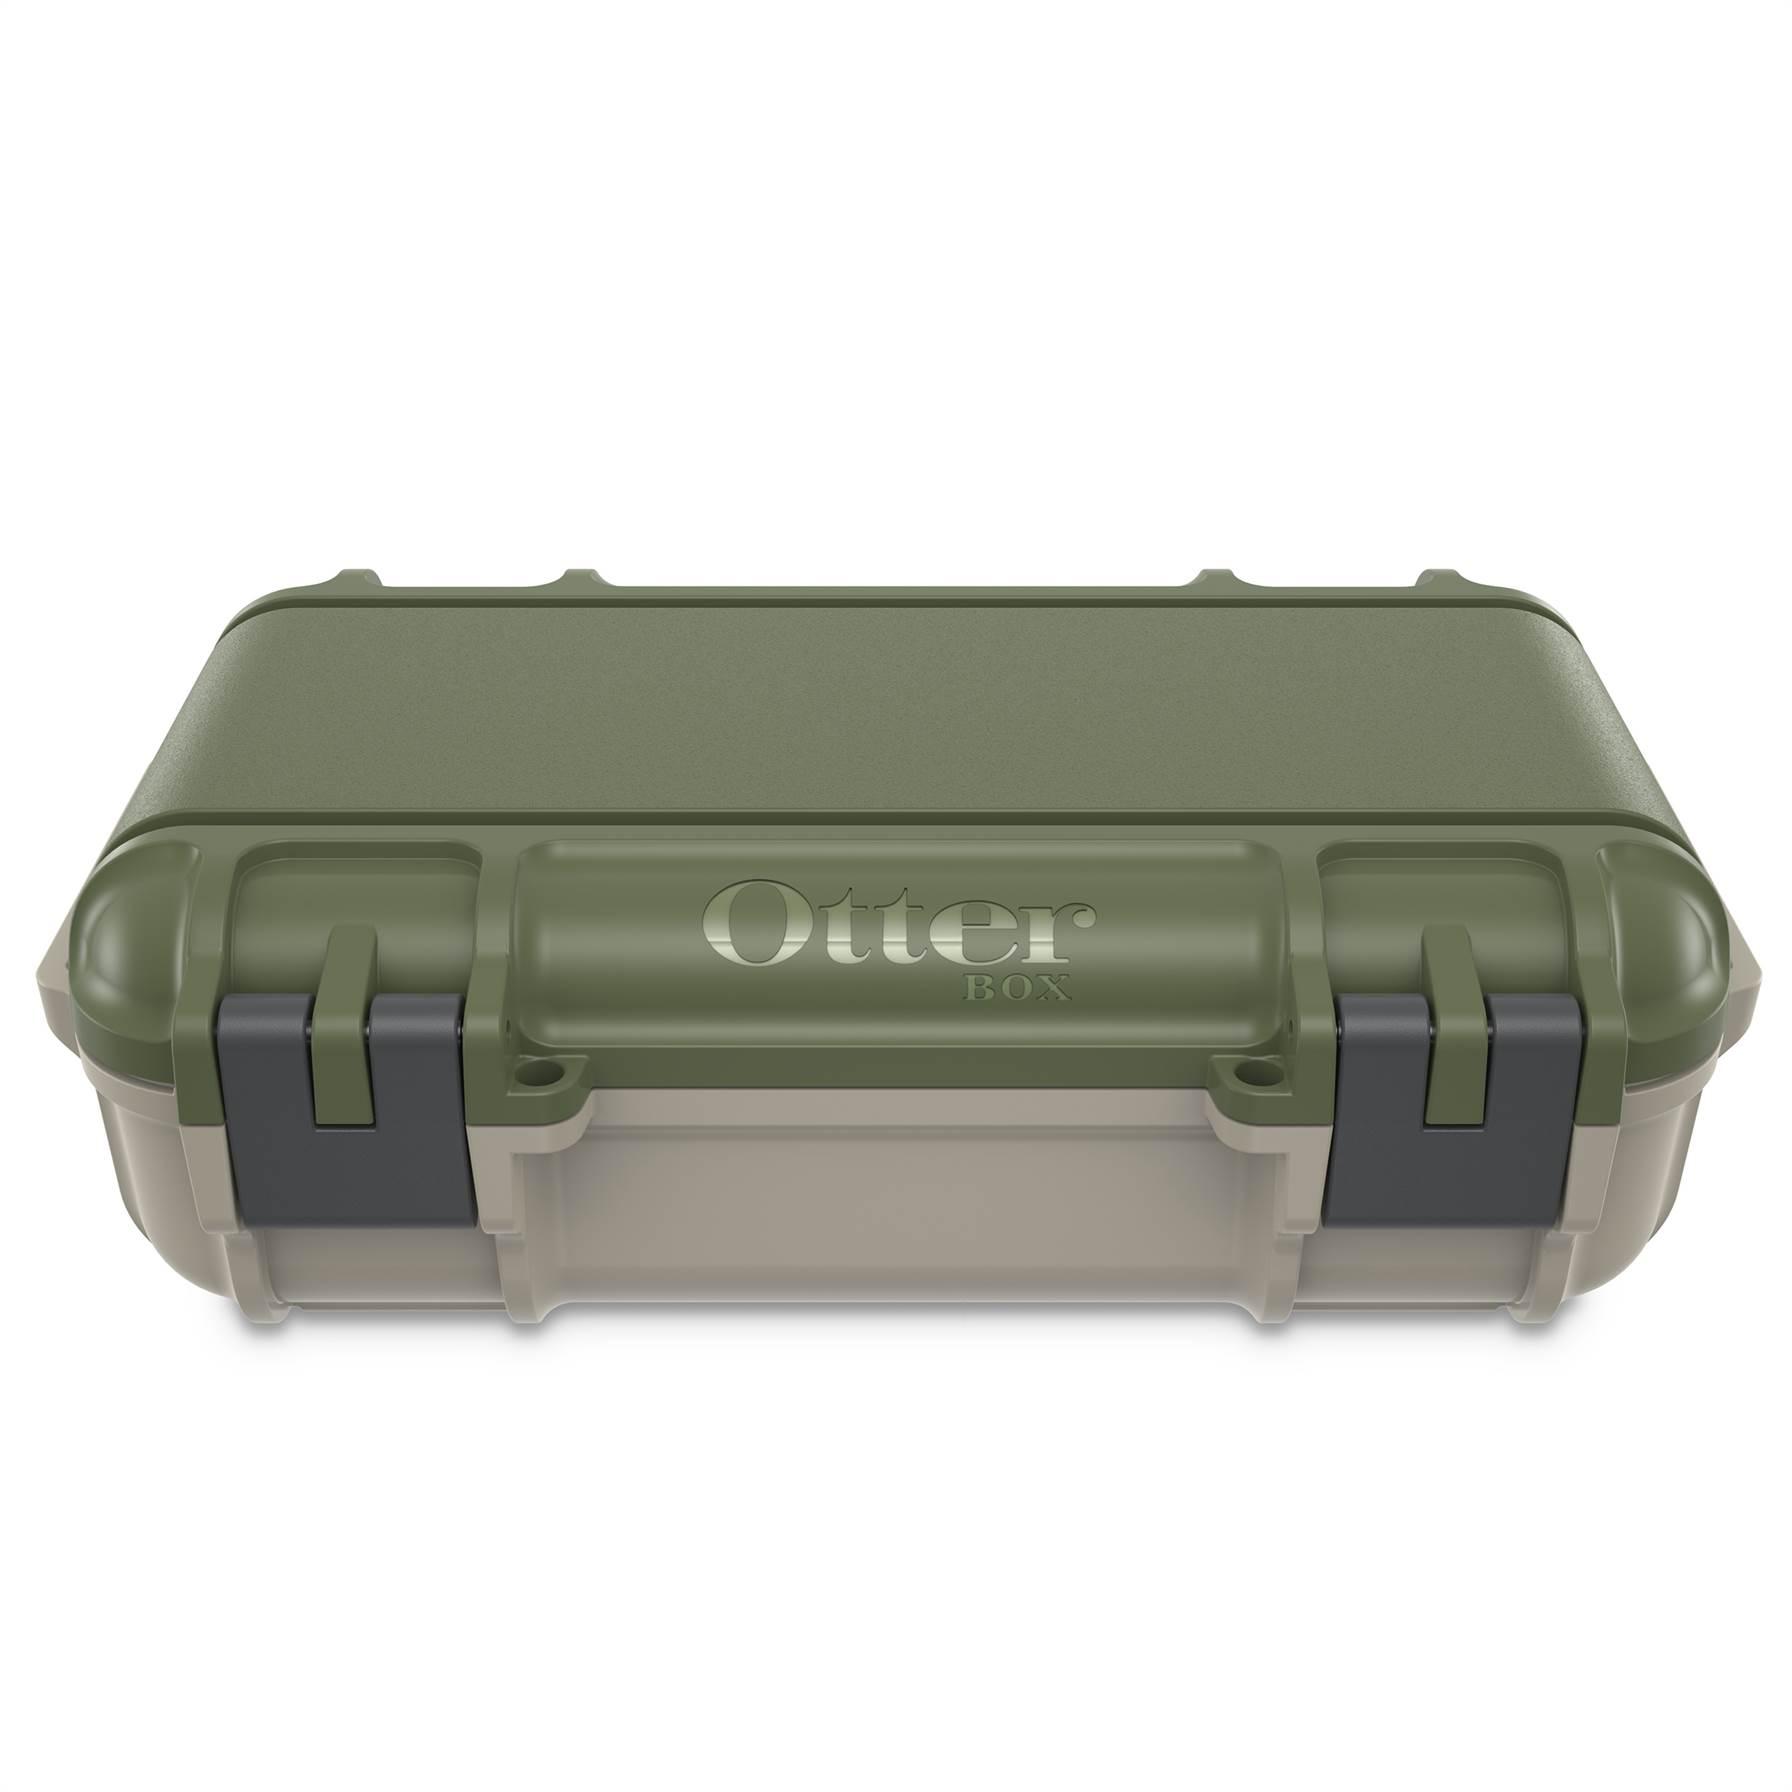 3250 Drybox Series - Ridgeline